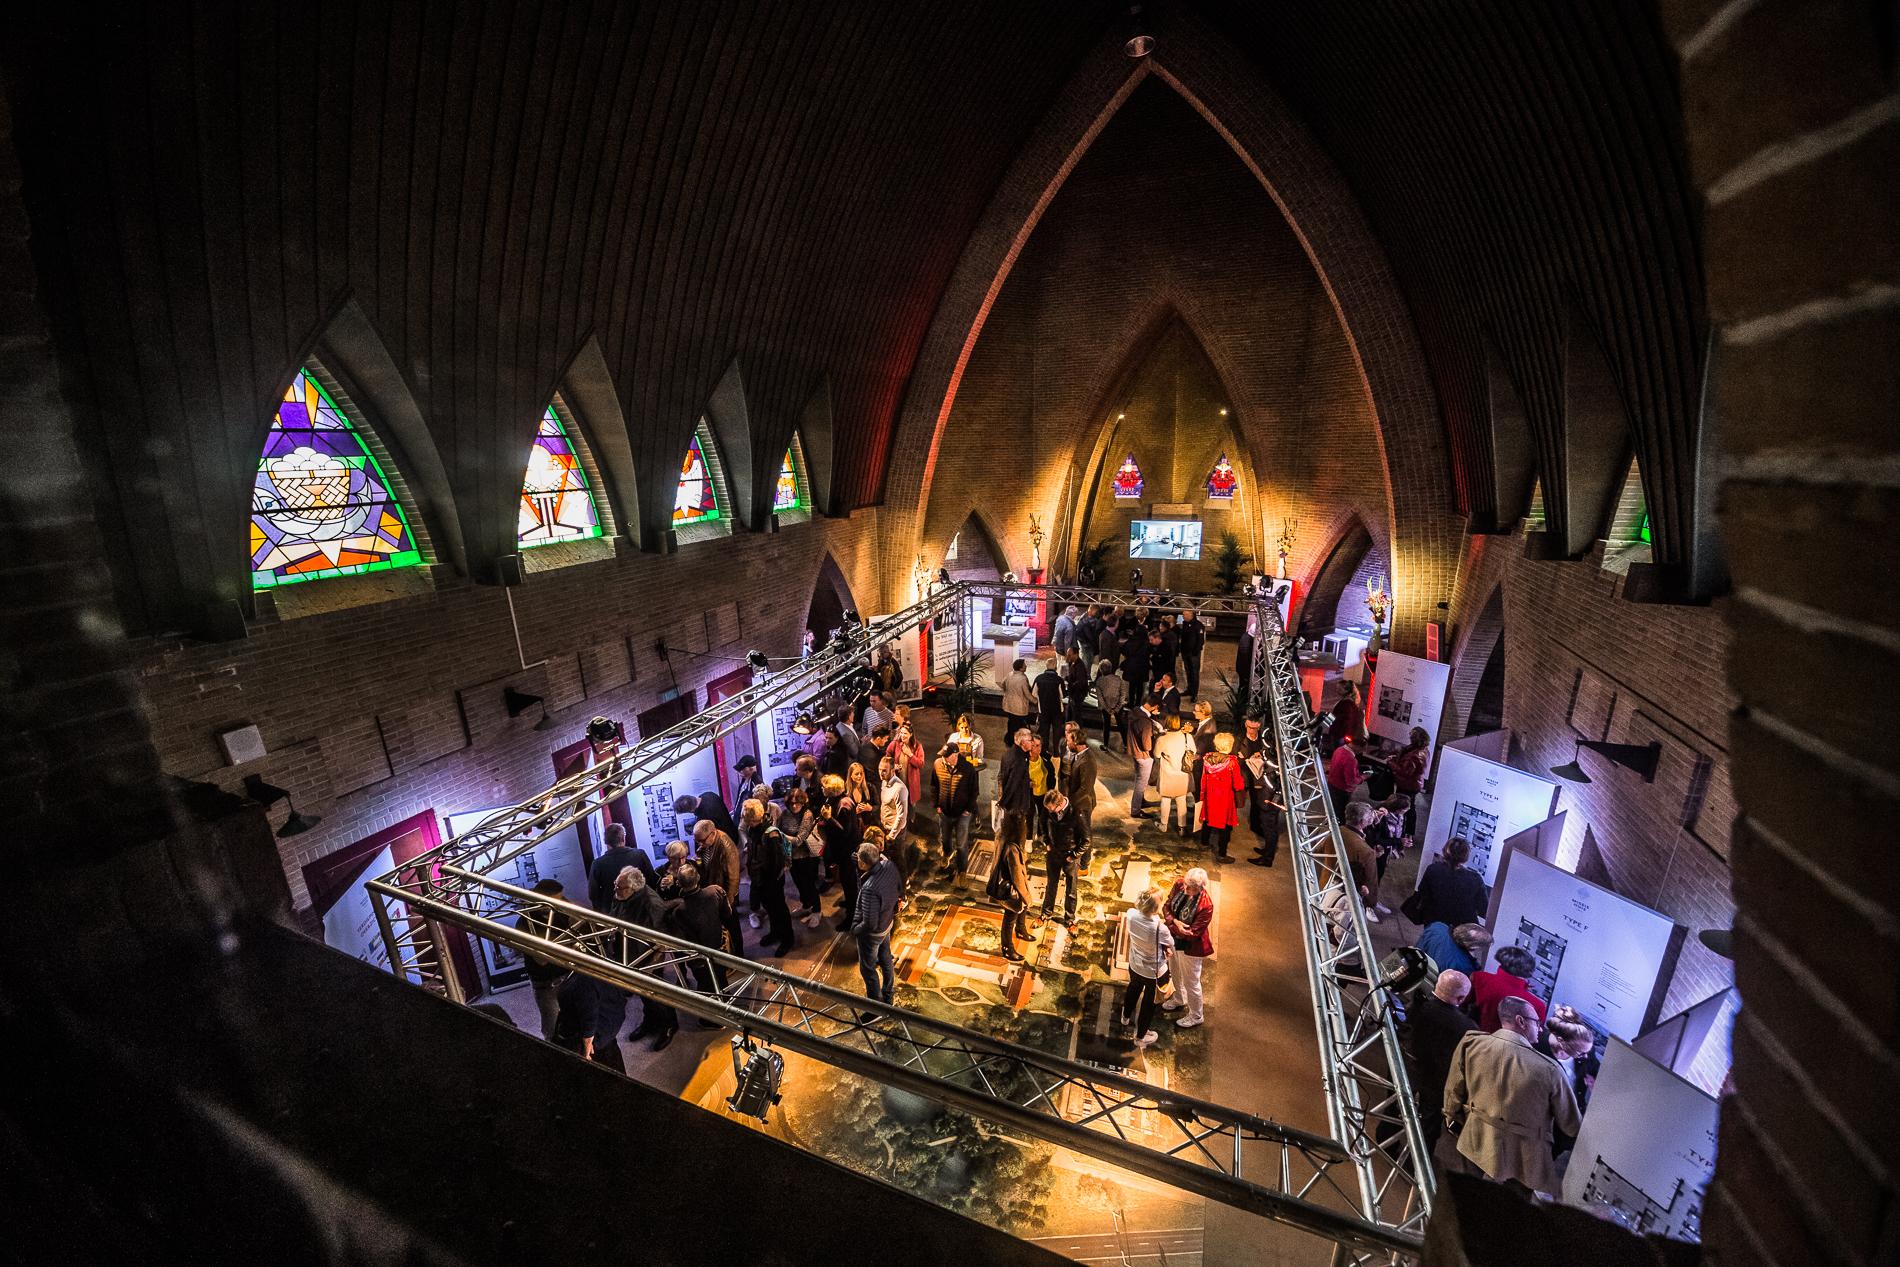 Eventfotograaf, eventfotografie, partyfotograaf, beursfotograaf, Symposium fotograaf, event, fotograaf events,Missiehuis hoorn, hoorn, missiehuis